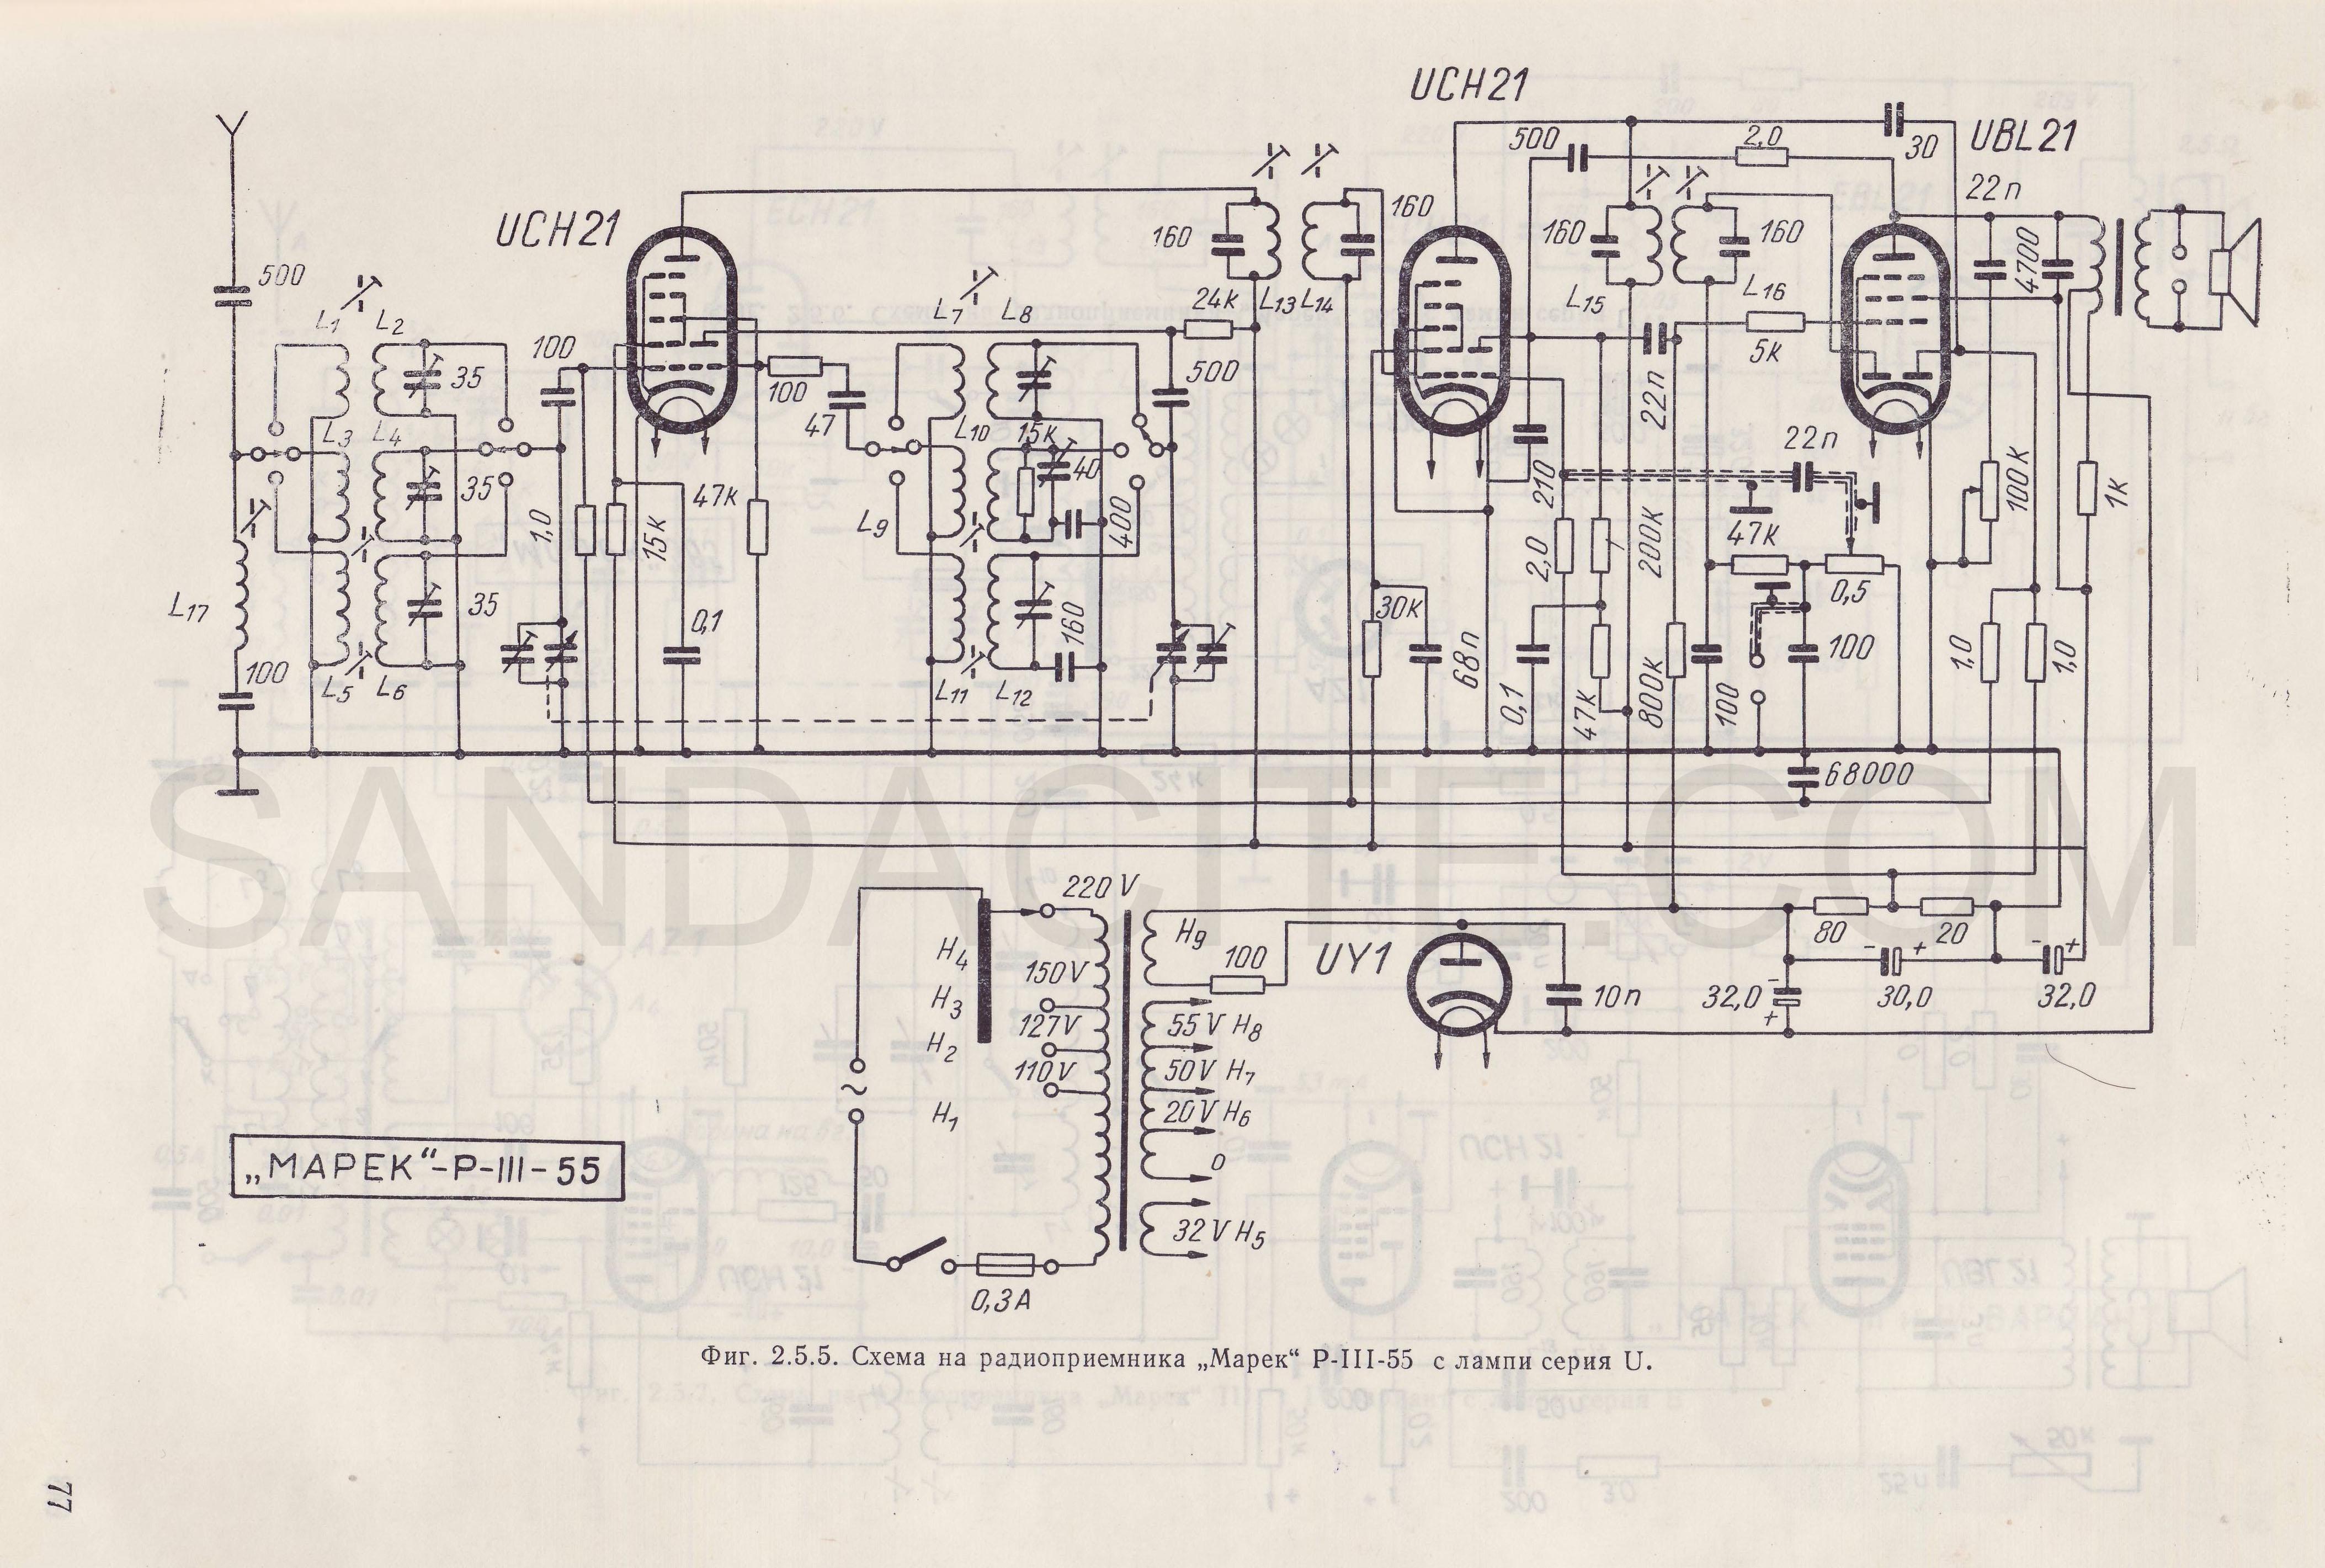 Марек Р III 55 с лампи серия U